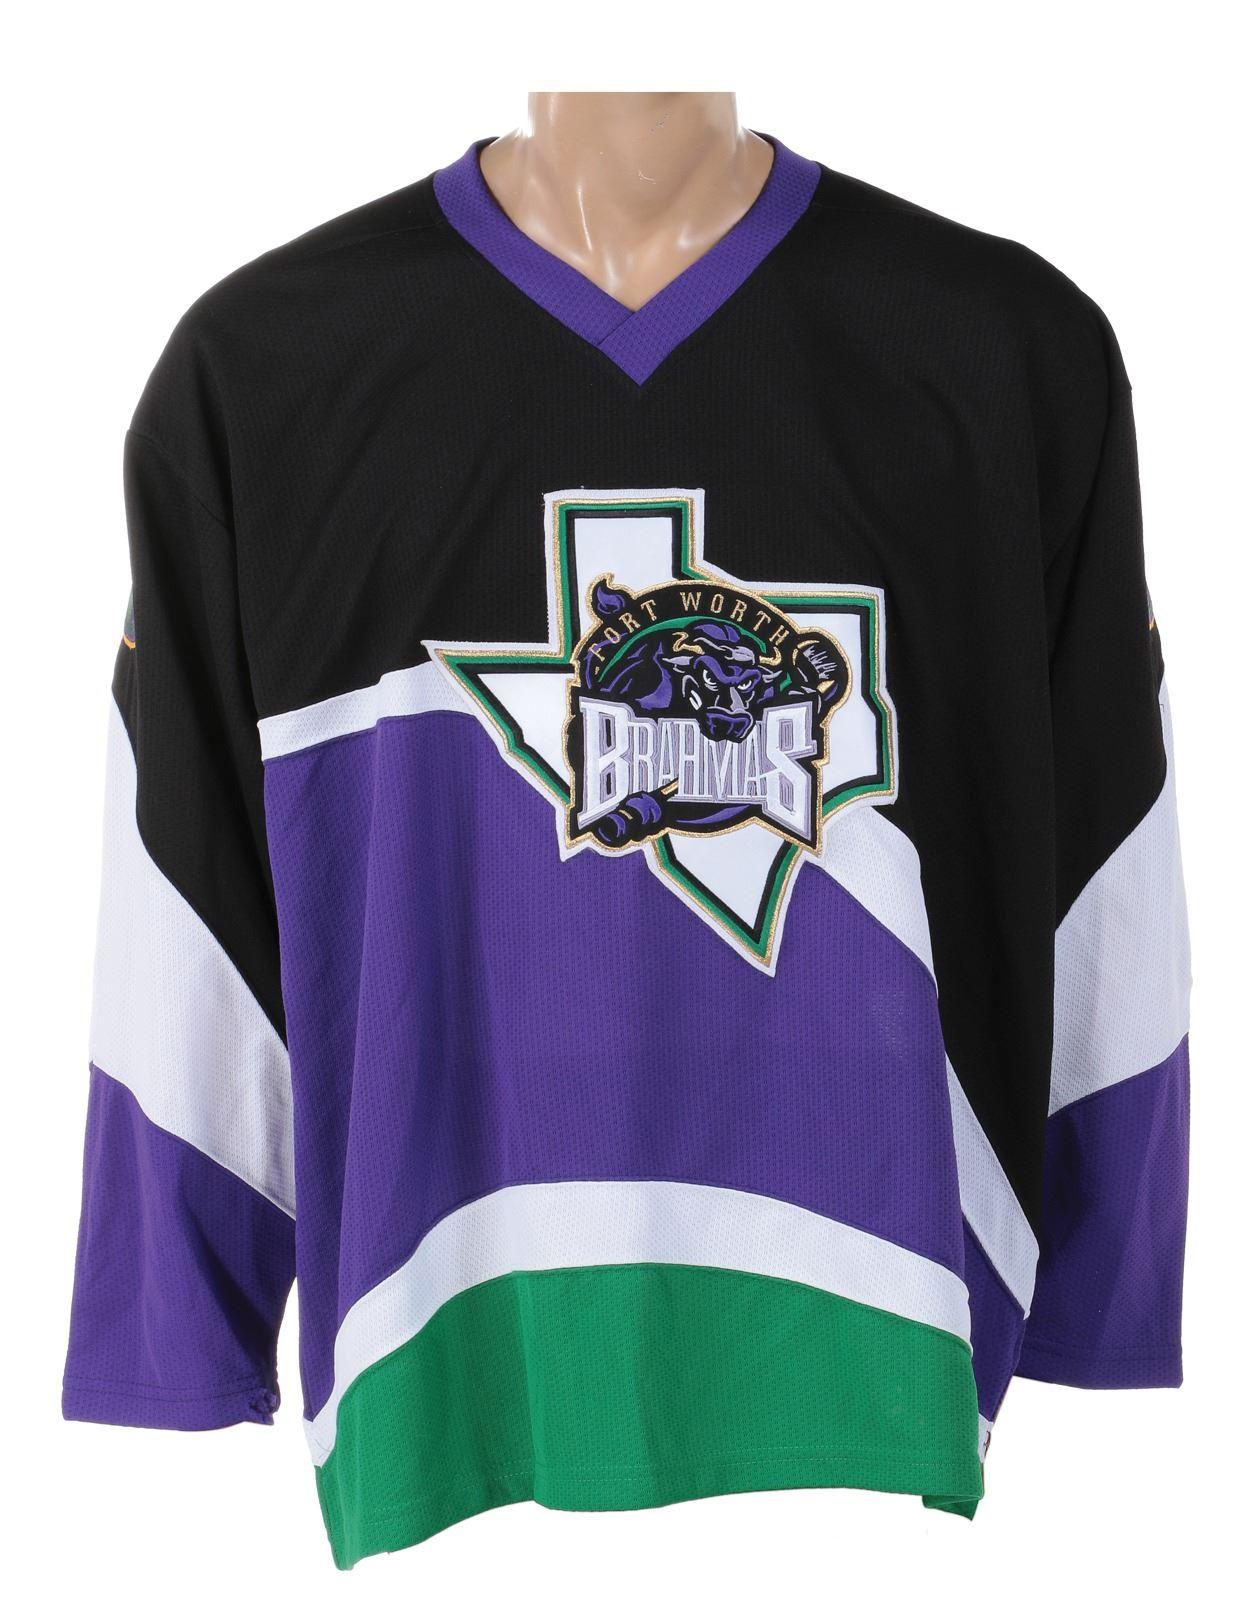 low priced 19b94 1fc85 Wayne Gretzky (16) personal hockey jerseys and sports ...